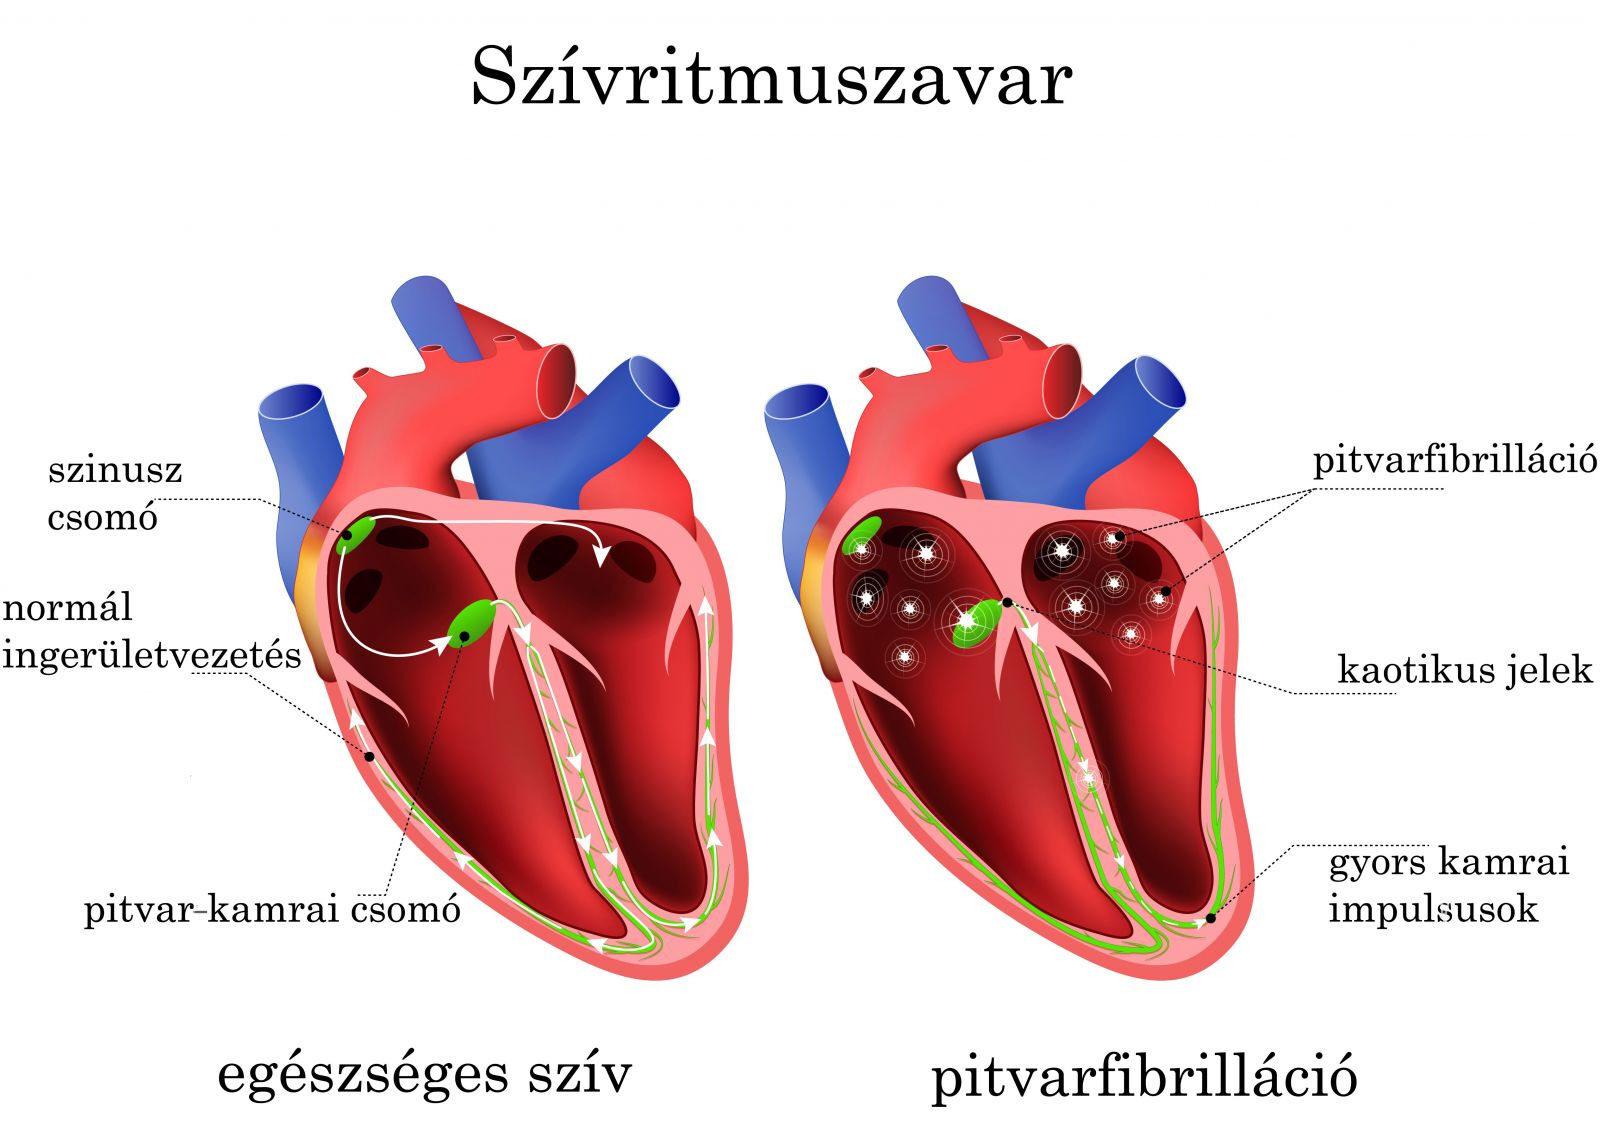 magas vérnyomás, ritmuszavar és angina kezelésére)